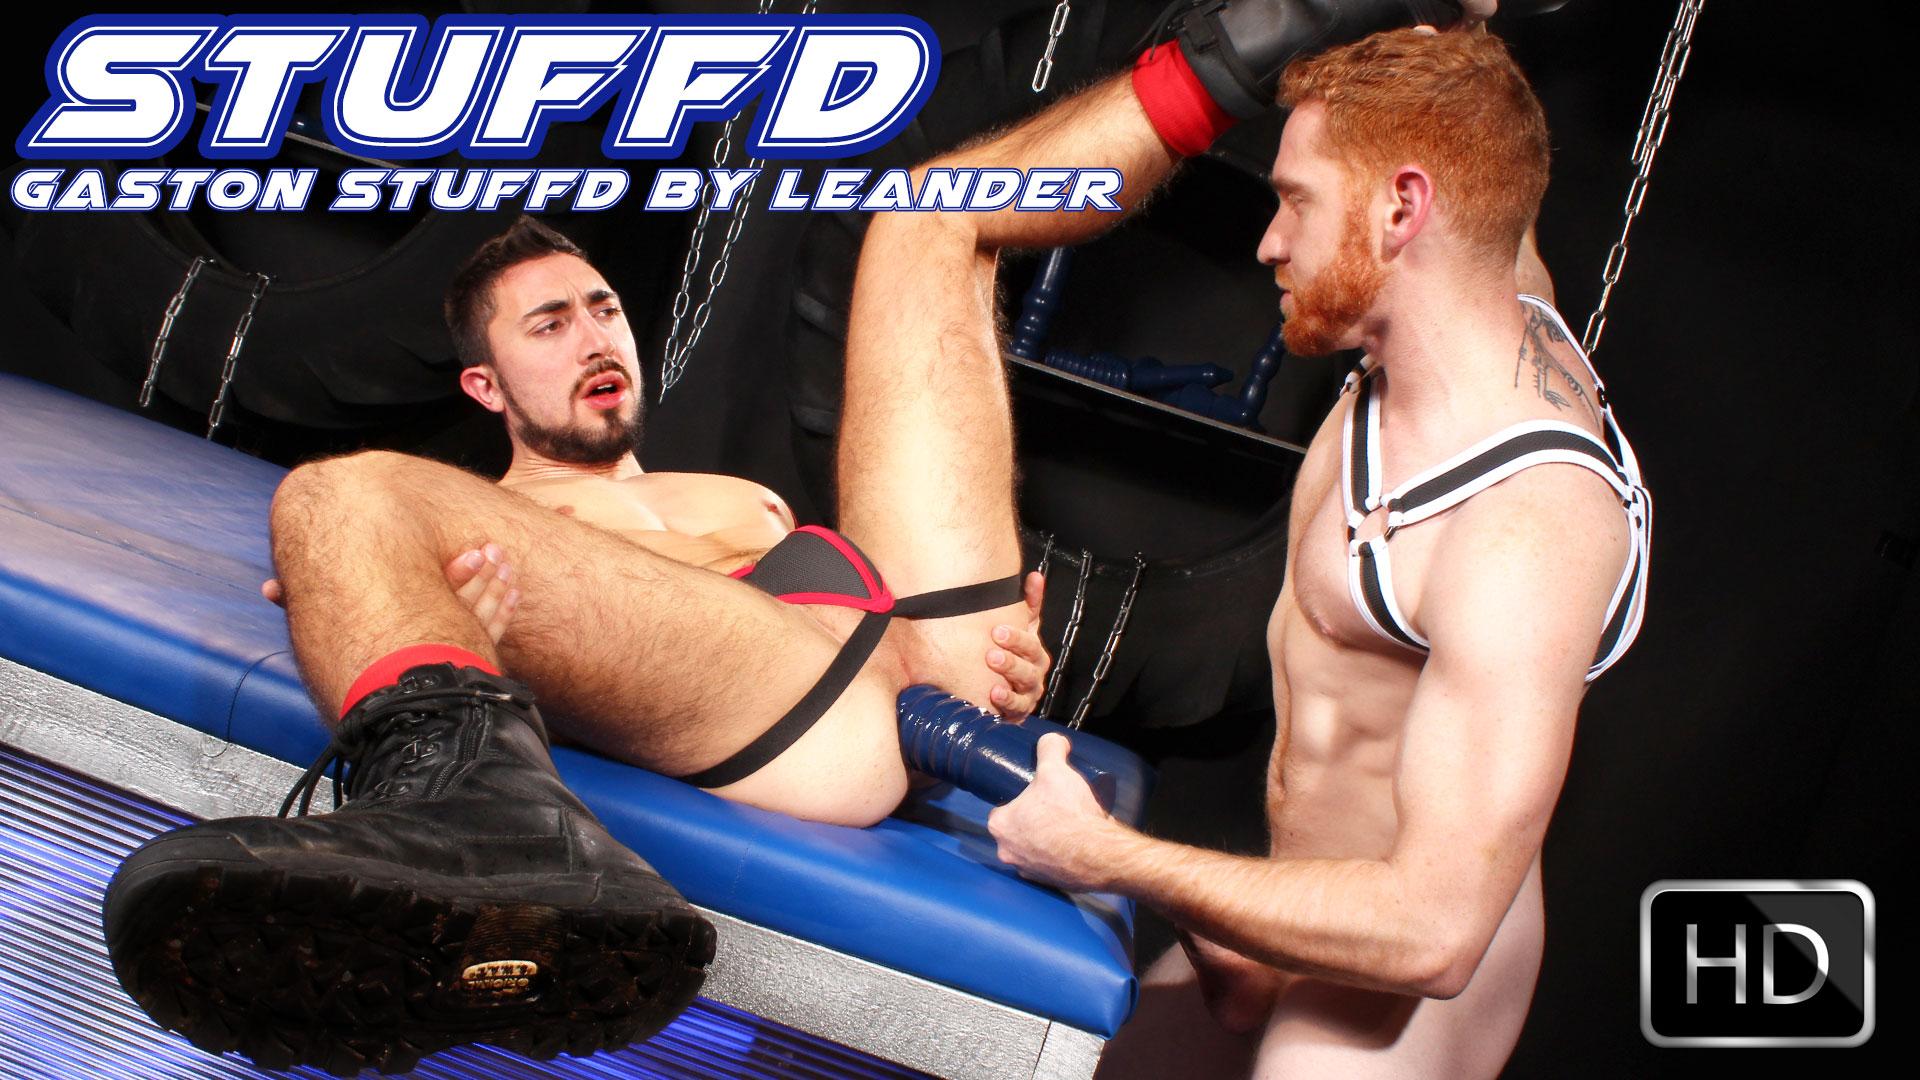 Gaston STUFFD by Leander